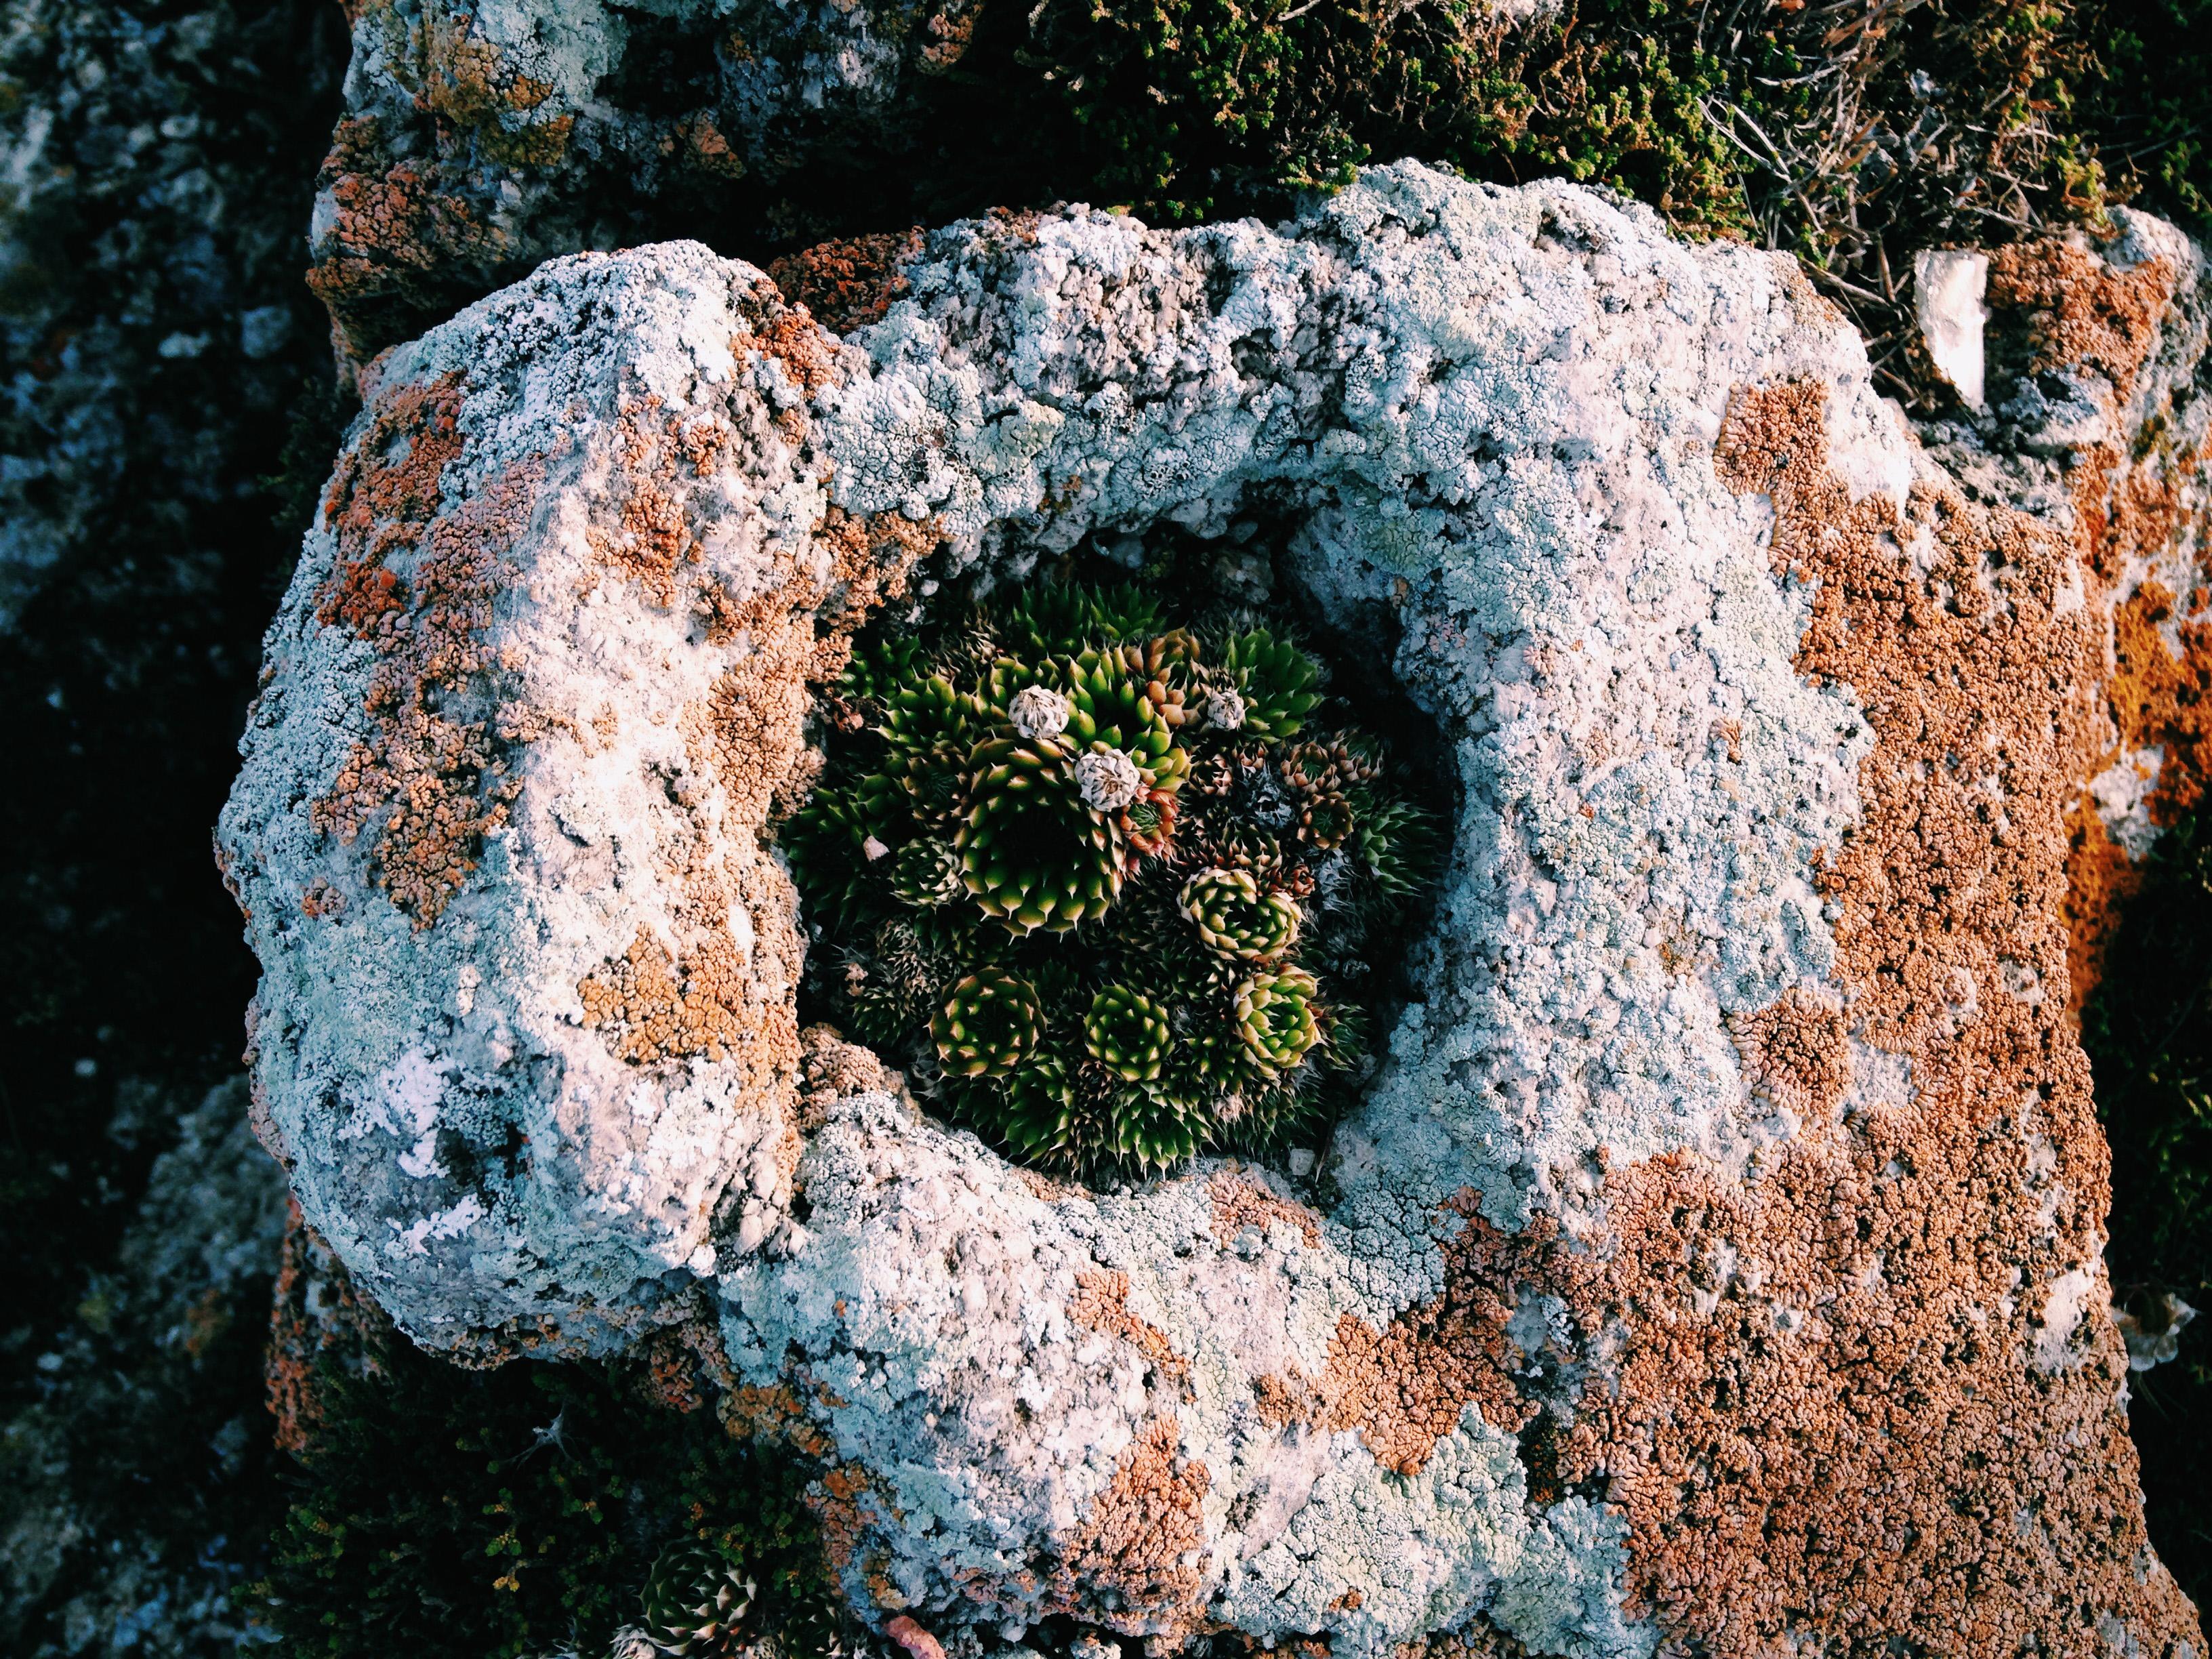 Камнеломки оправдывают свое название